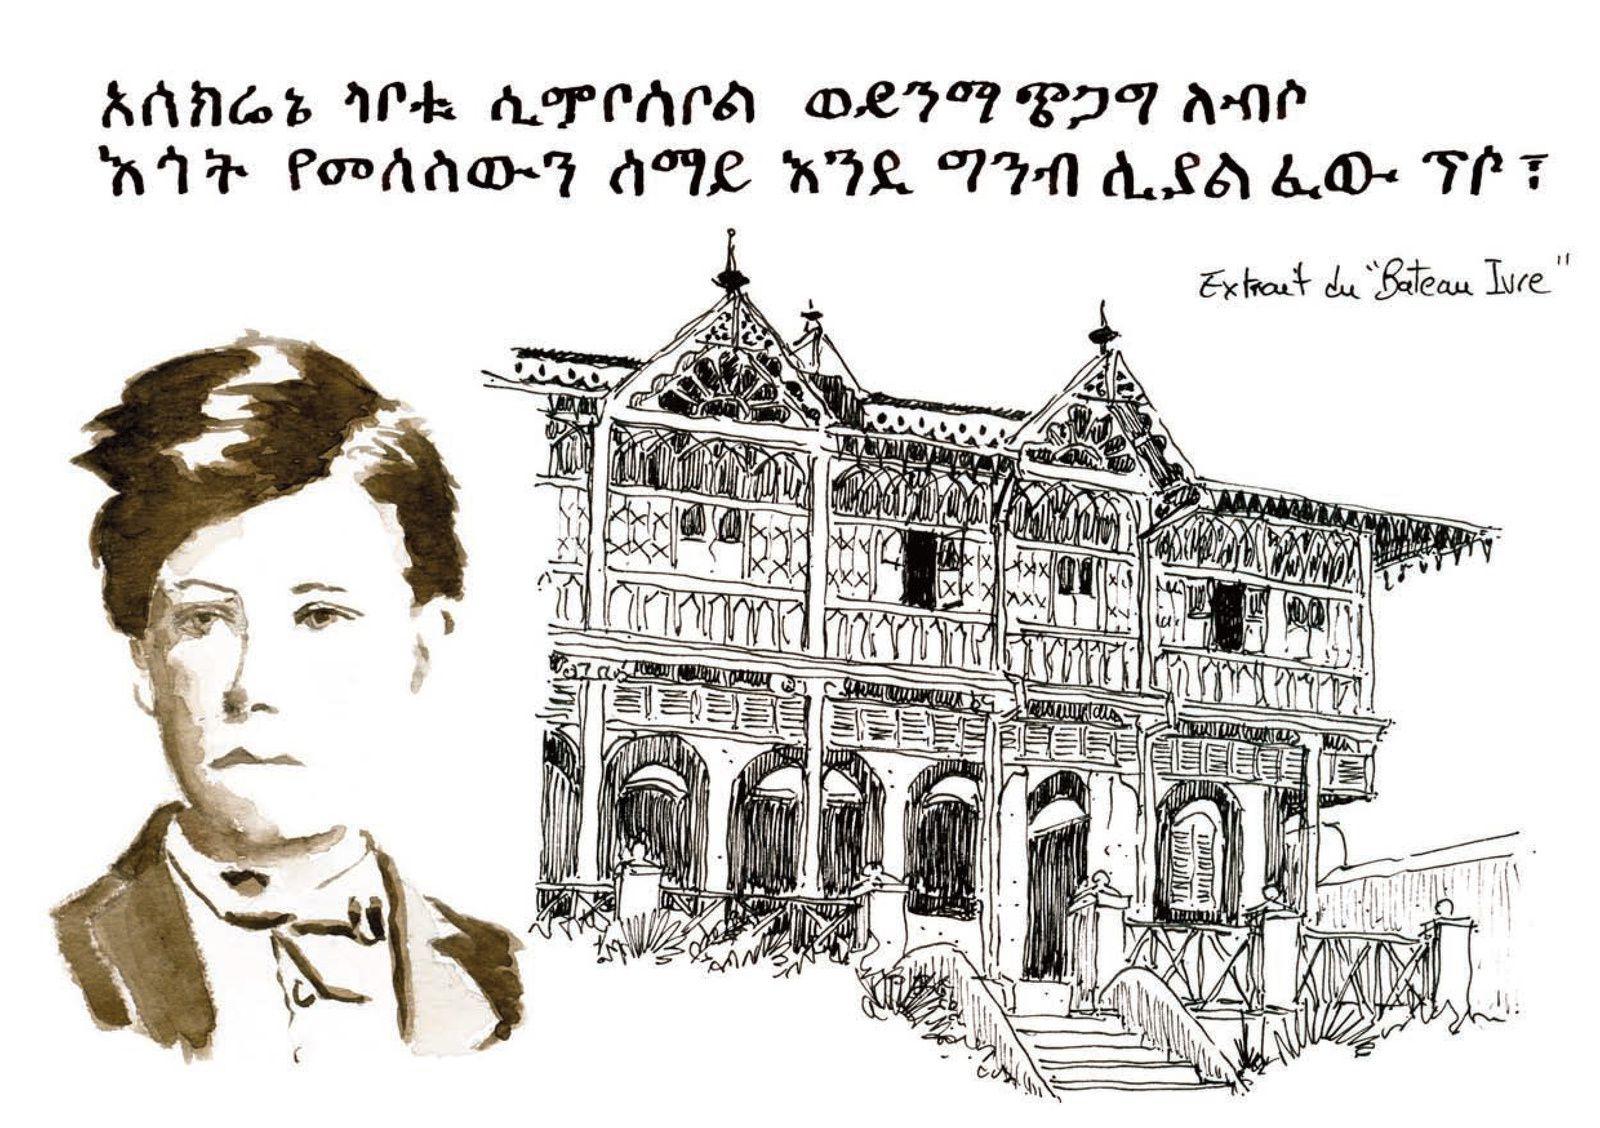 Exposition ETHIOPIE au Musée Rimbaud à Charleville-Mézières (08) du 1er février au 12 mars 2017